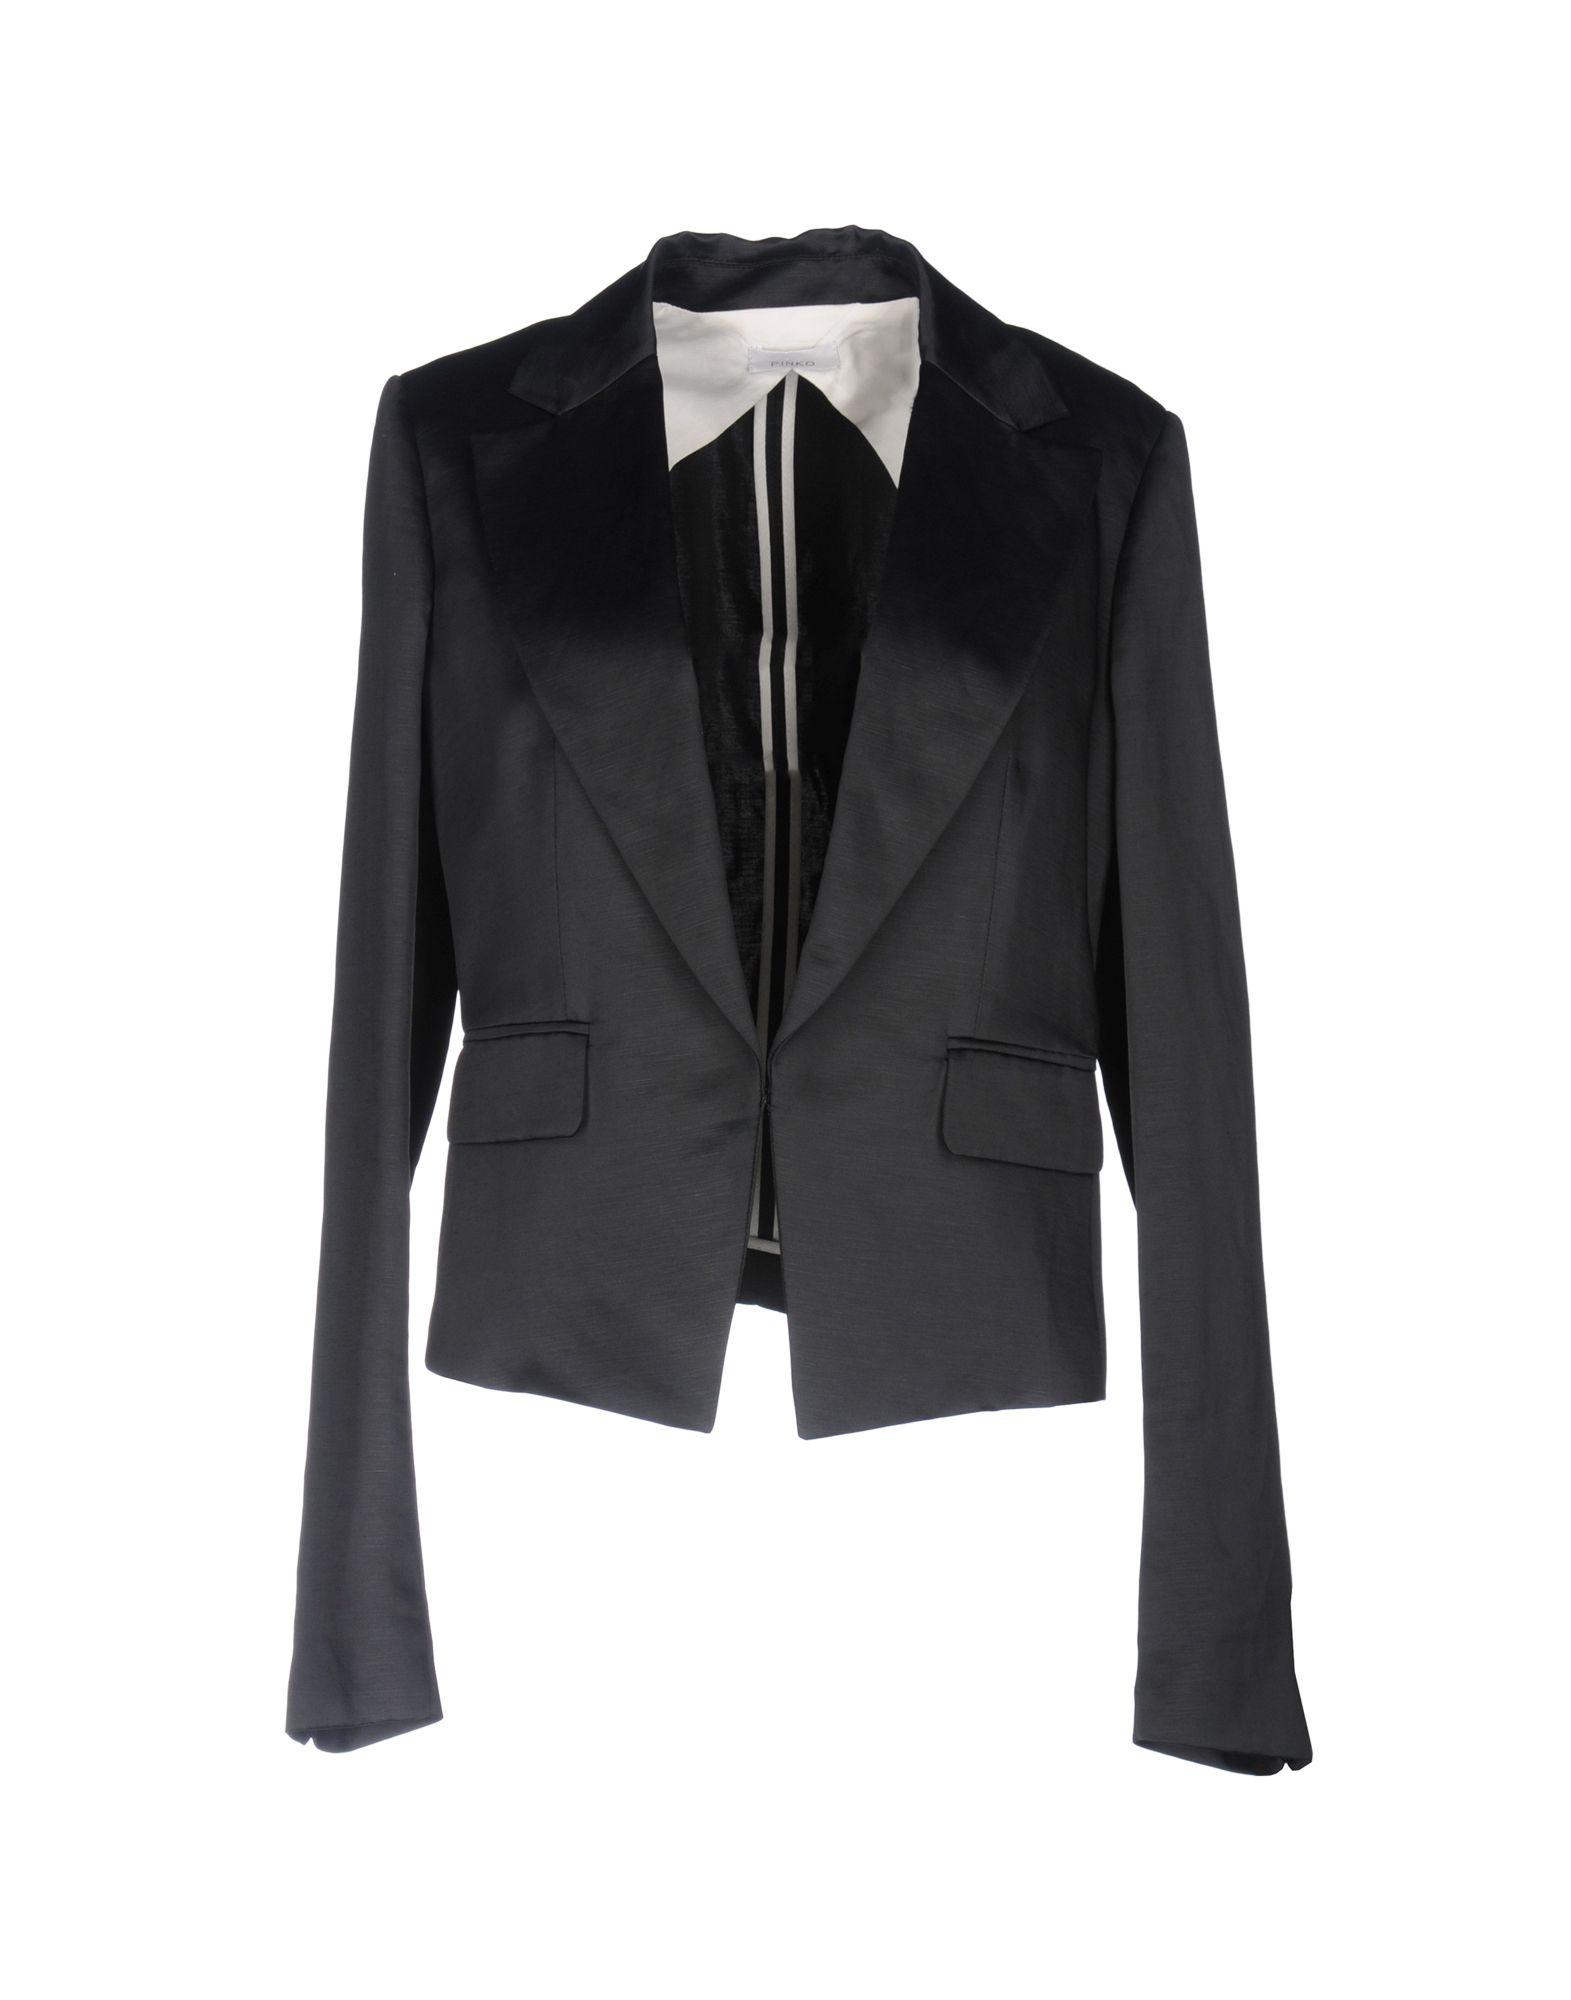 PINKO Damen Jackett Farbe Schwarz Größe 6 jetztbilligerkaufen